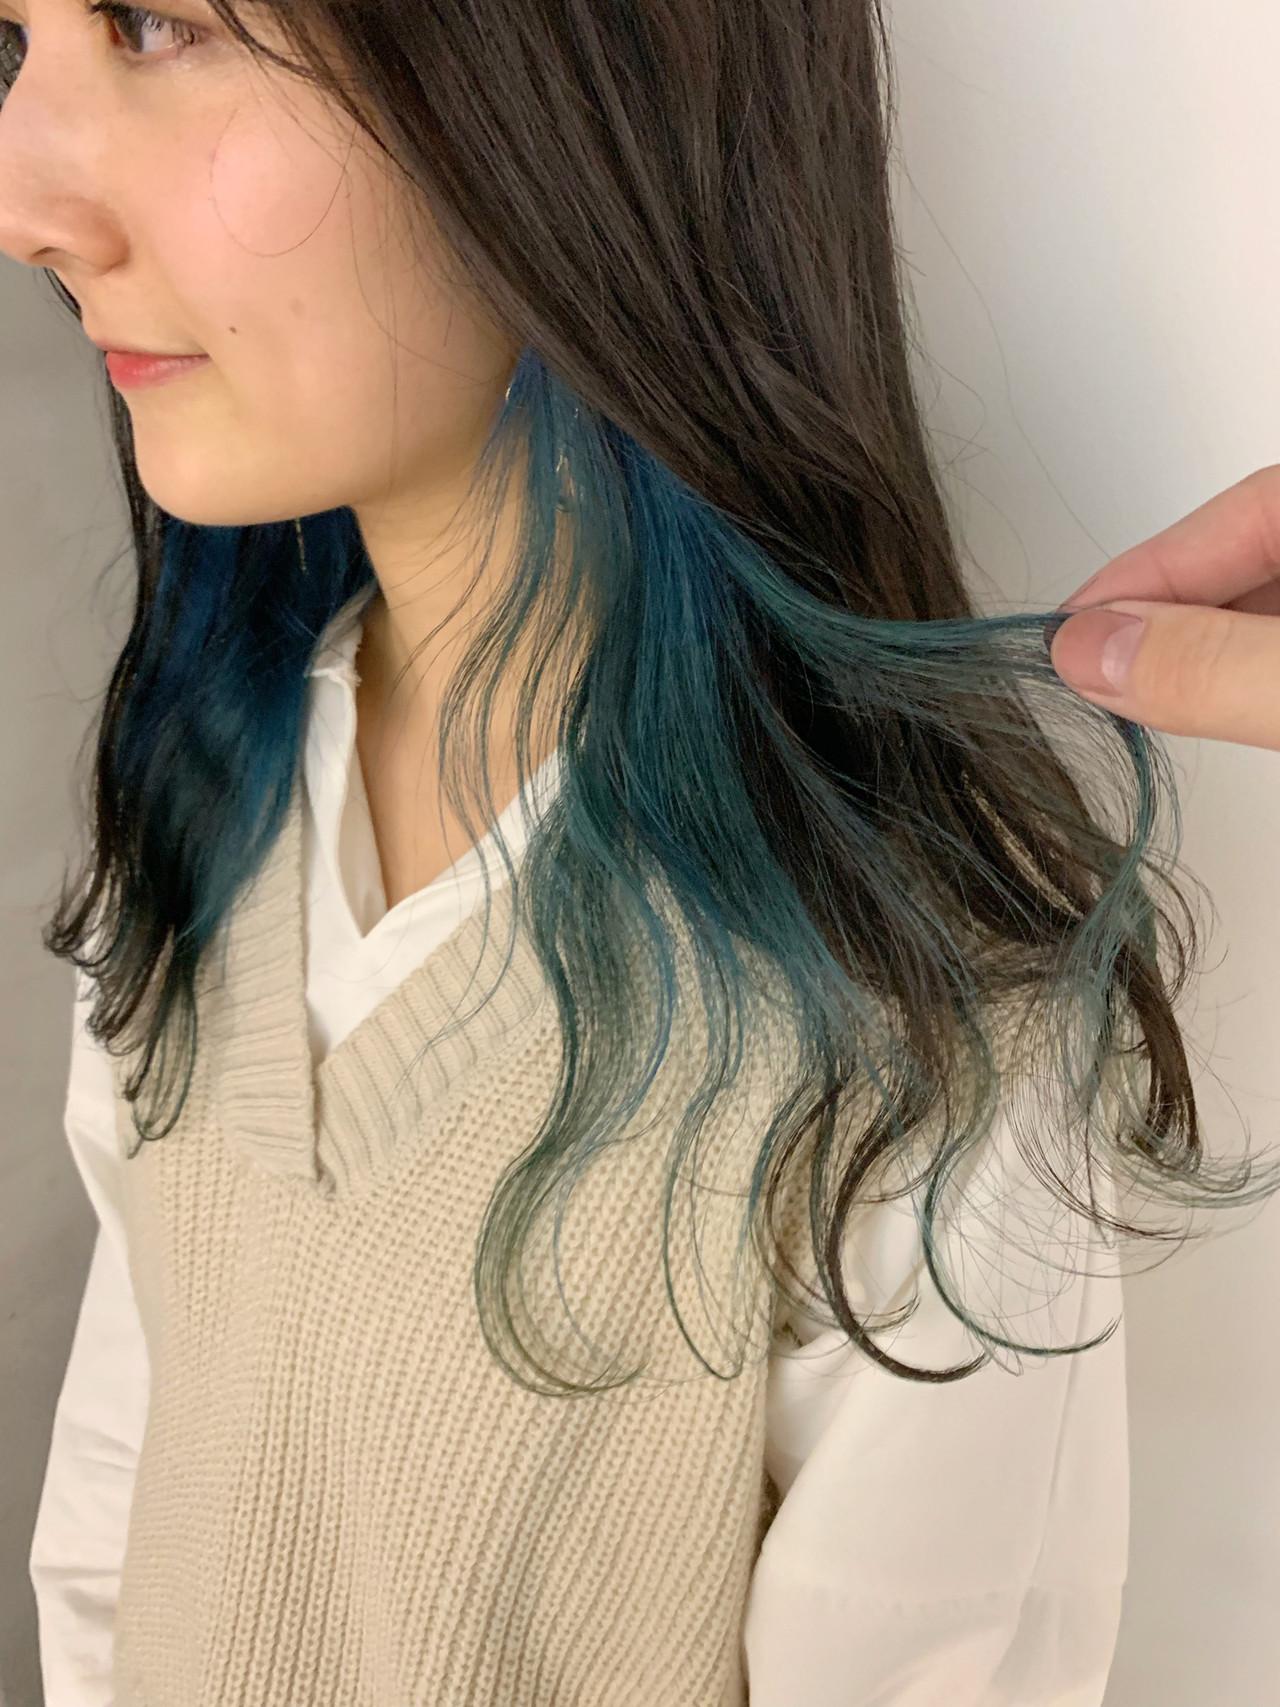 ロング ターコイズブルー インナーブルー 波ウェーブ ヘアスタイルや髪型の写真・画像